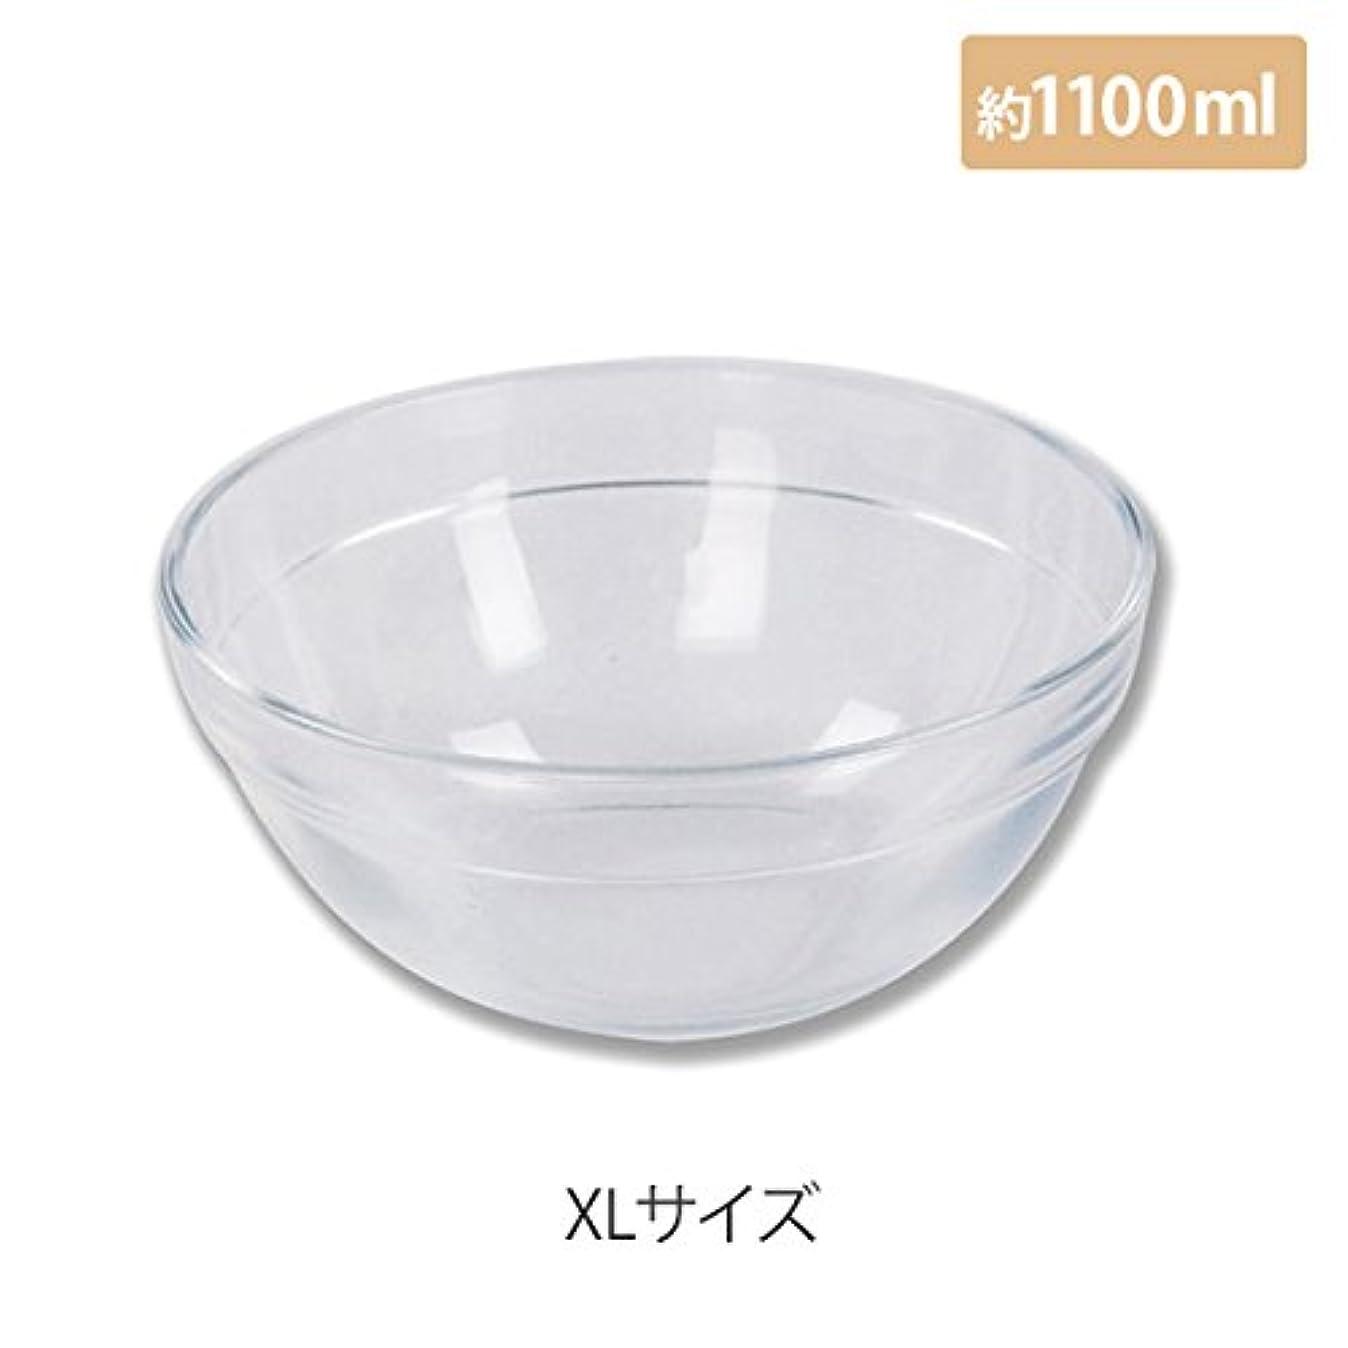 別にぼろプレゼンテーションマイスター プラスティックボウル (XLサイズ) クリア 直径20cm [ プラスチックボール カップボウル カップボール エステ サロン プラスチック ボウル カップ 割れない ]